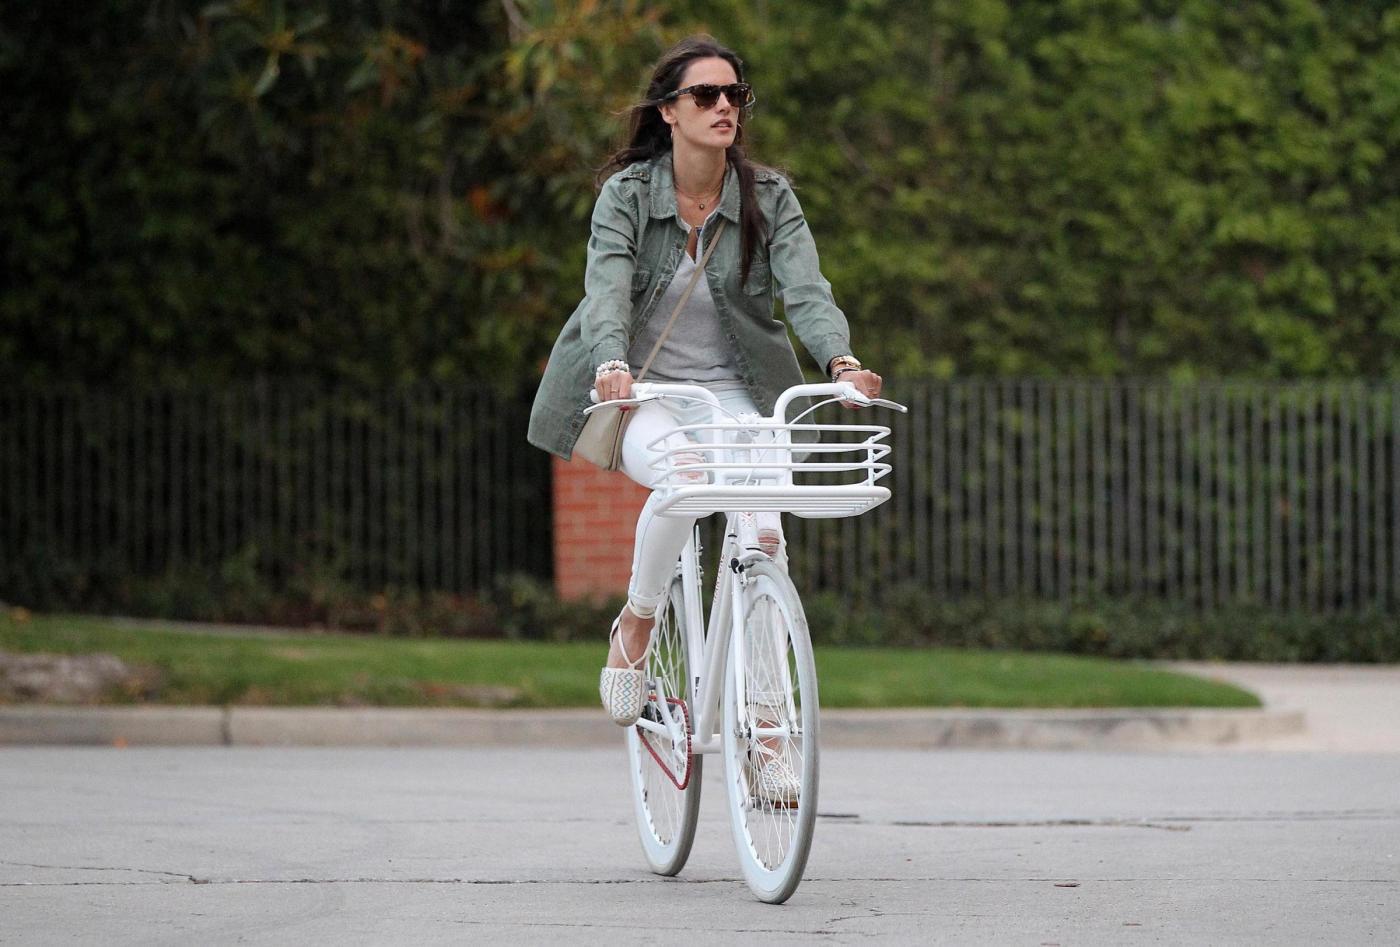 Vacanze sostenibili: gli italiani amano la bici